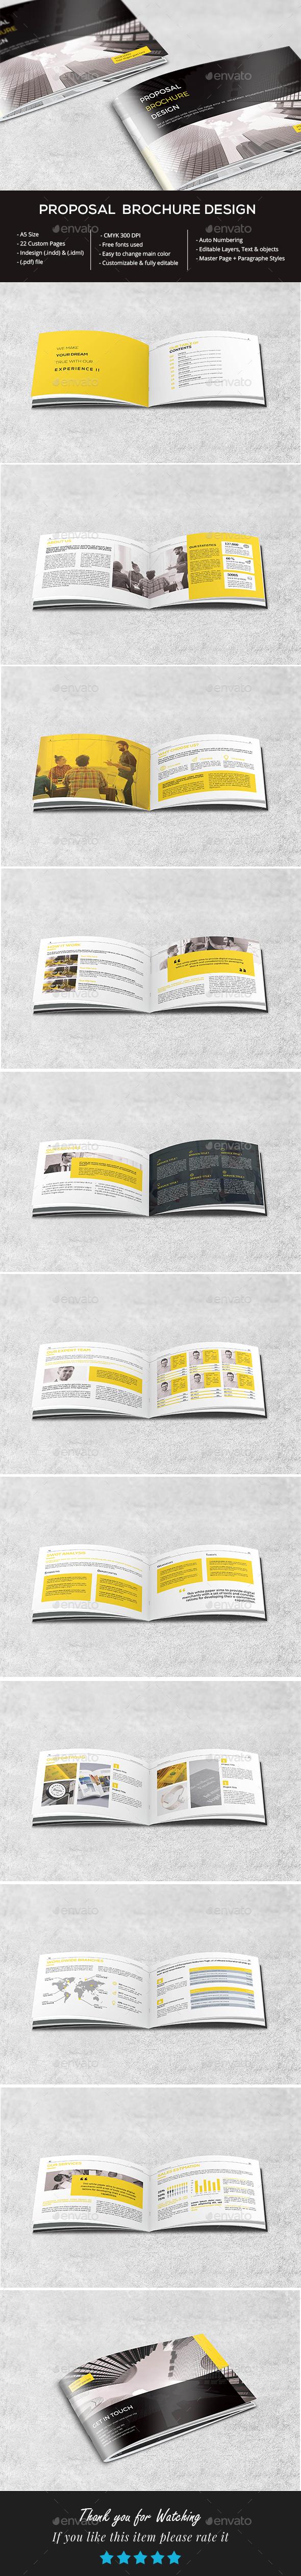 A5 Clean Proposal Brochure - Brochures Print Templates